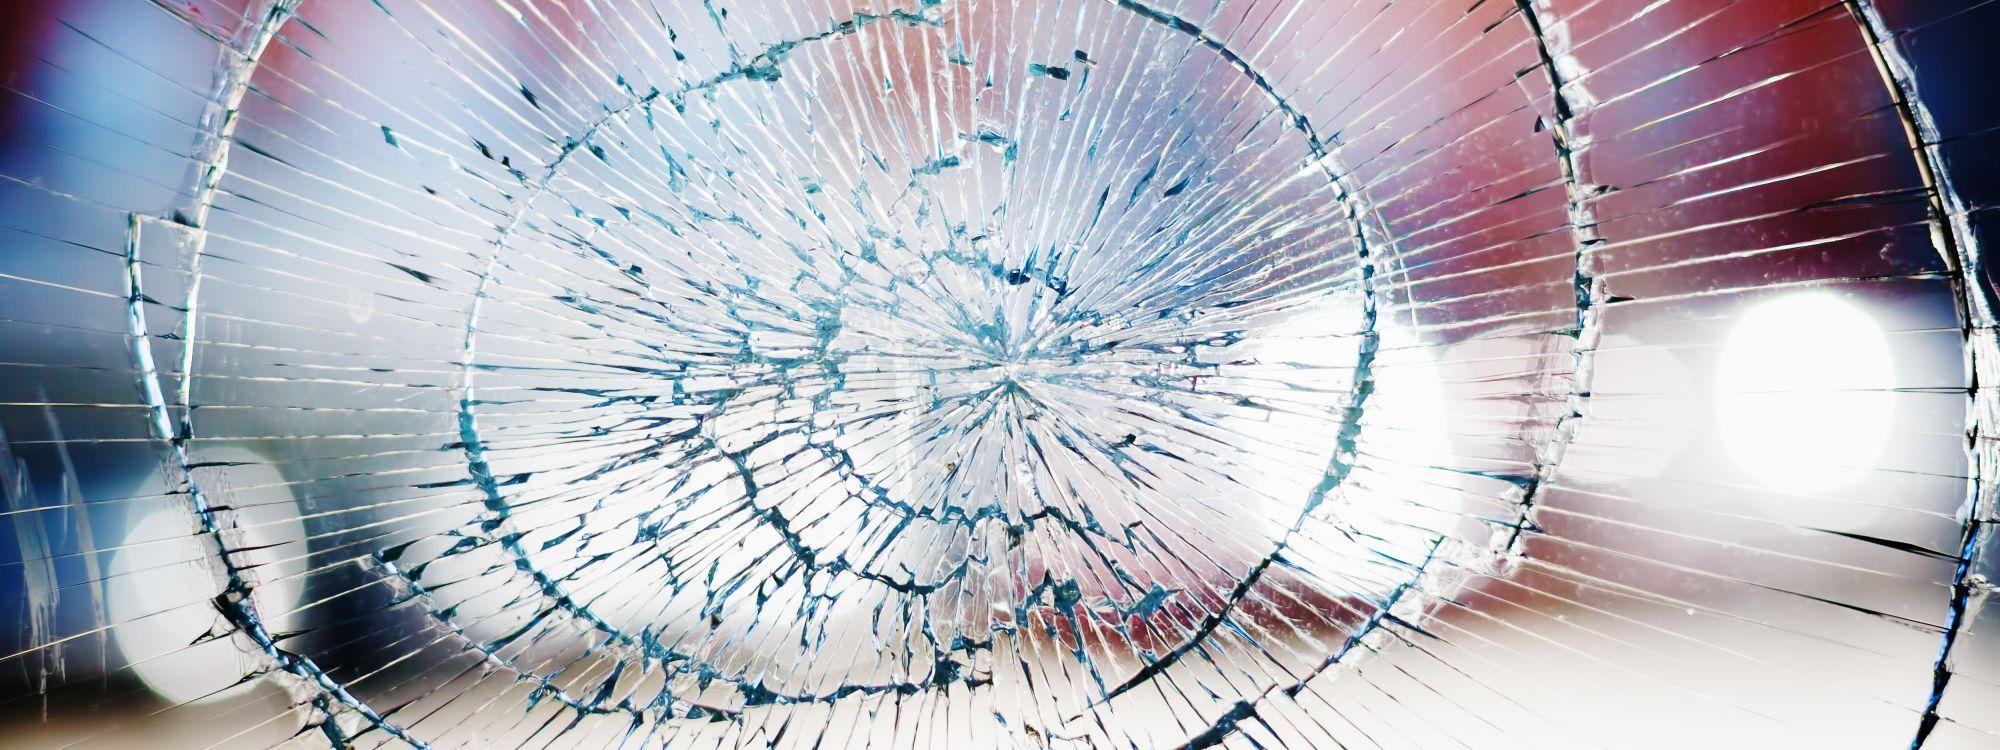 Glasschade